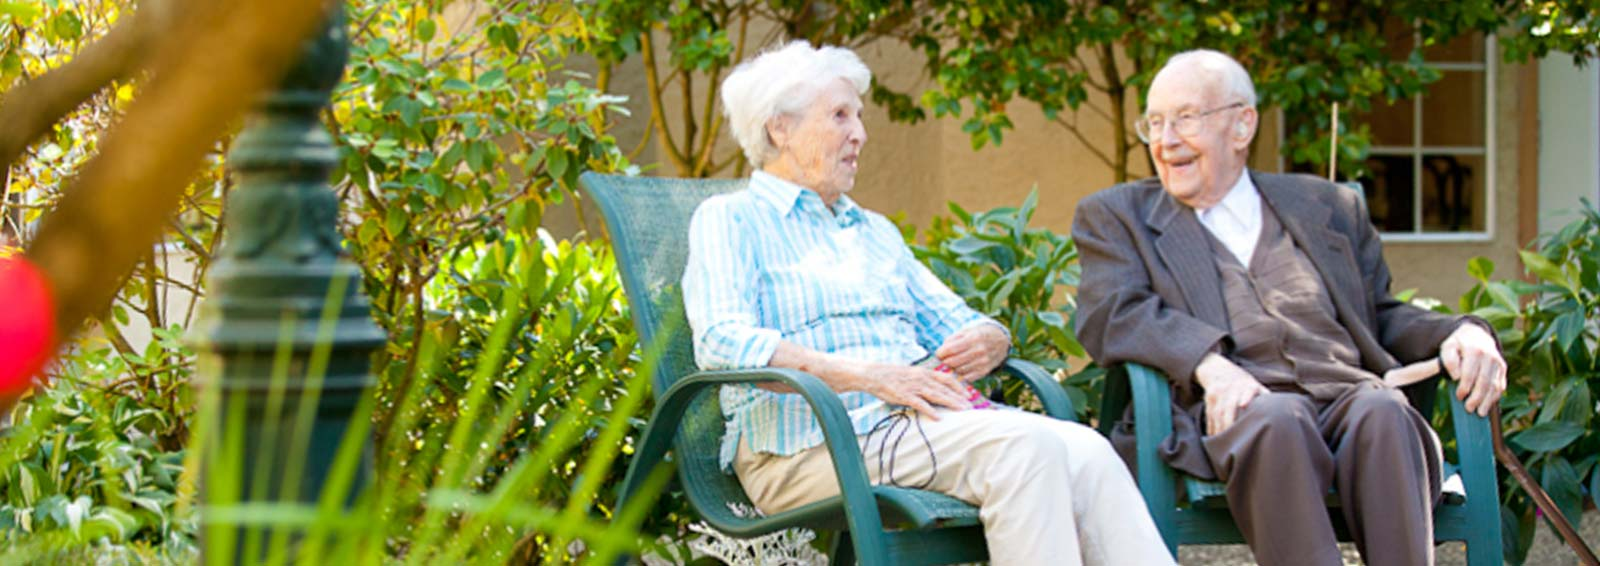 VRS Sunnyside Manor Seniors Community home happy senior residents sitting in garden